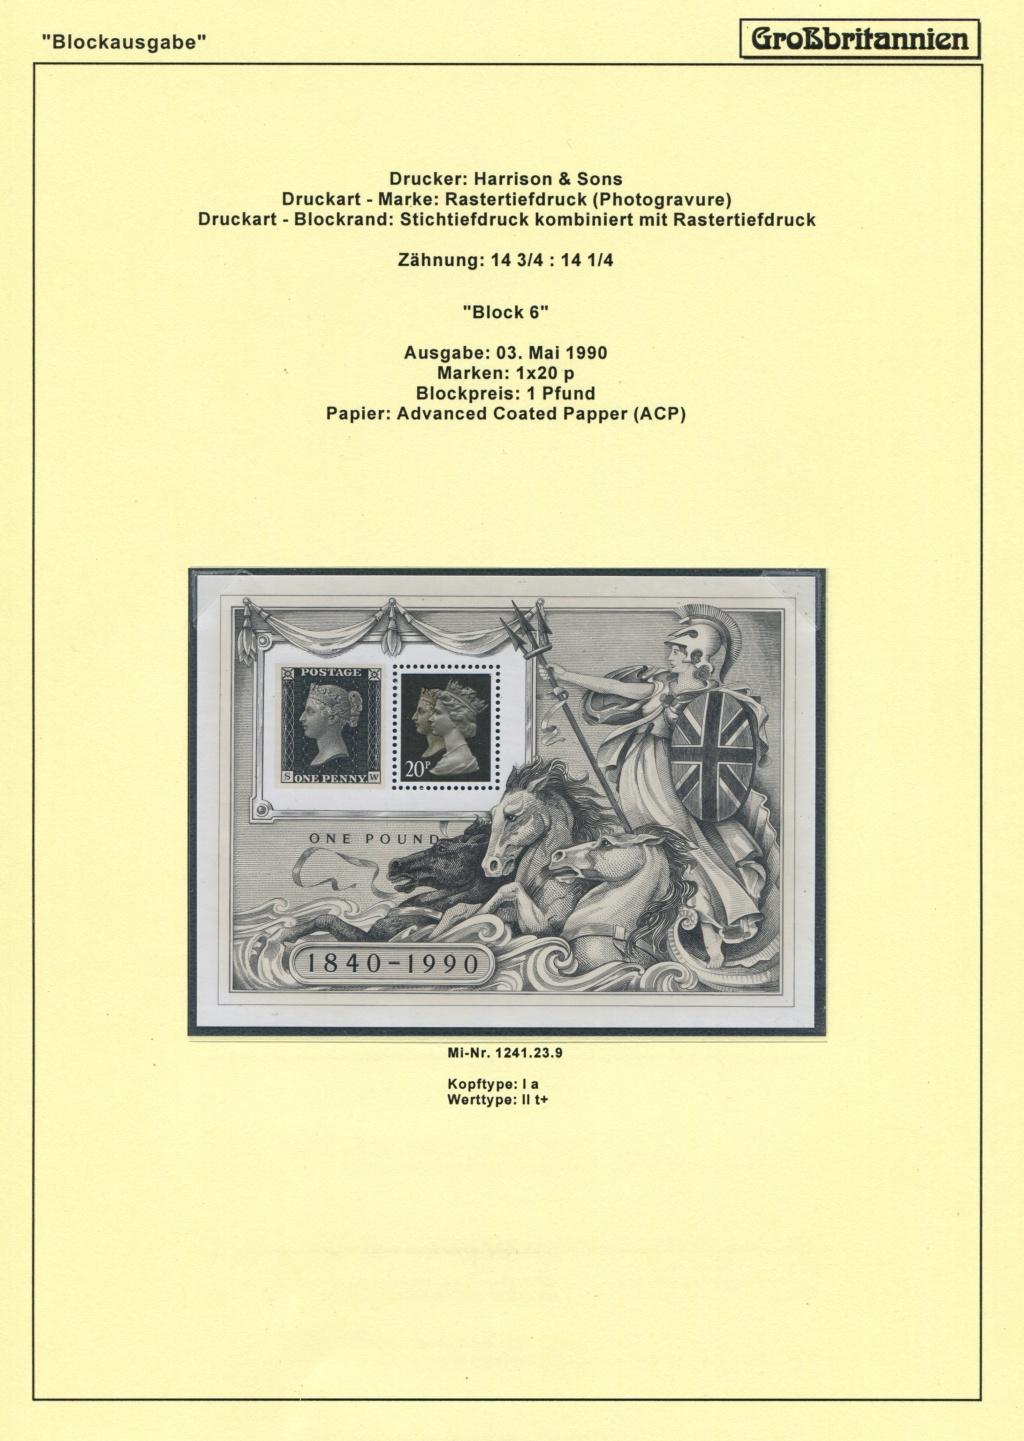 Großbritannien - 150 Jahre Briefmarken Black_30